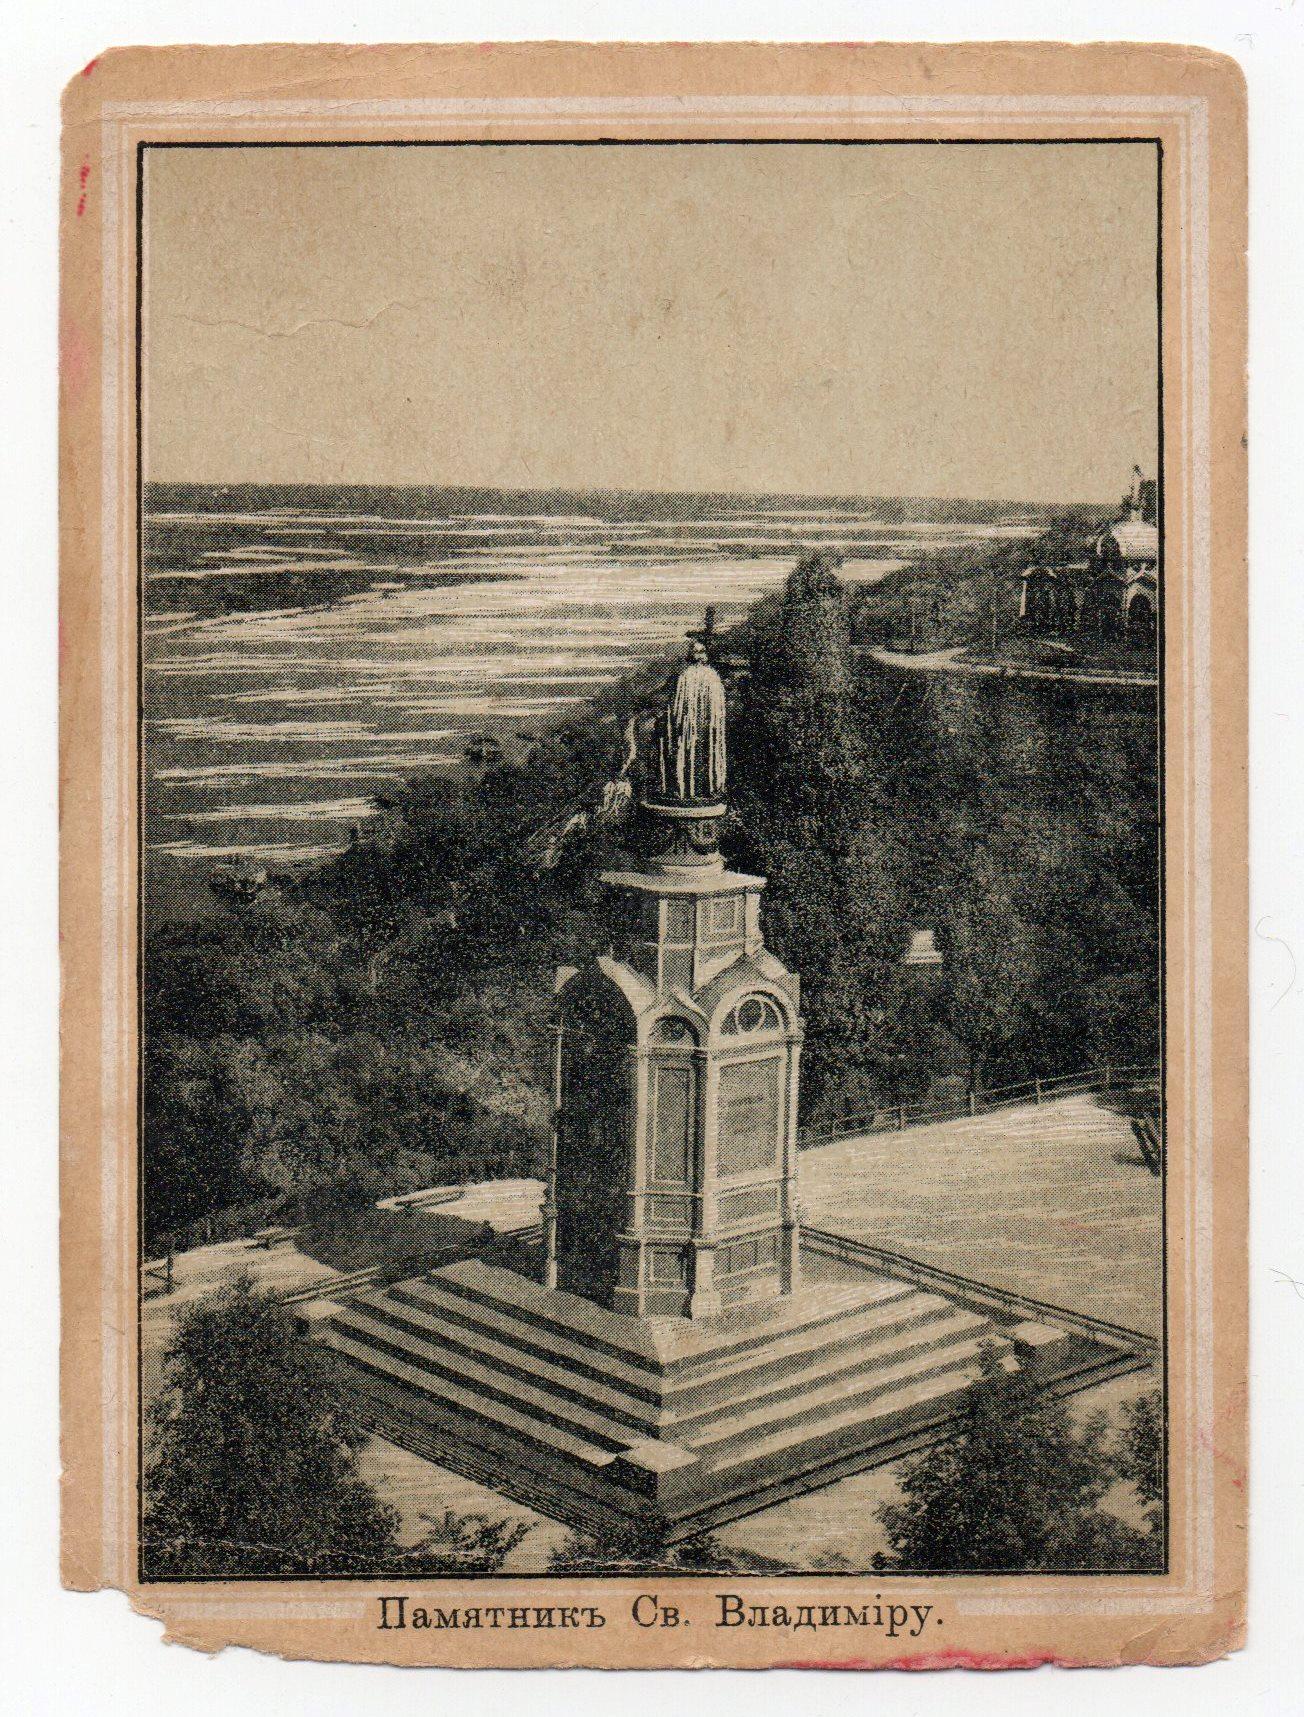 """Поштова листівка з альбому """"Виды Кіева"""". """"Памятникъ Св. Владиміру"""""""